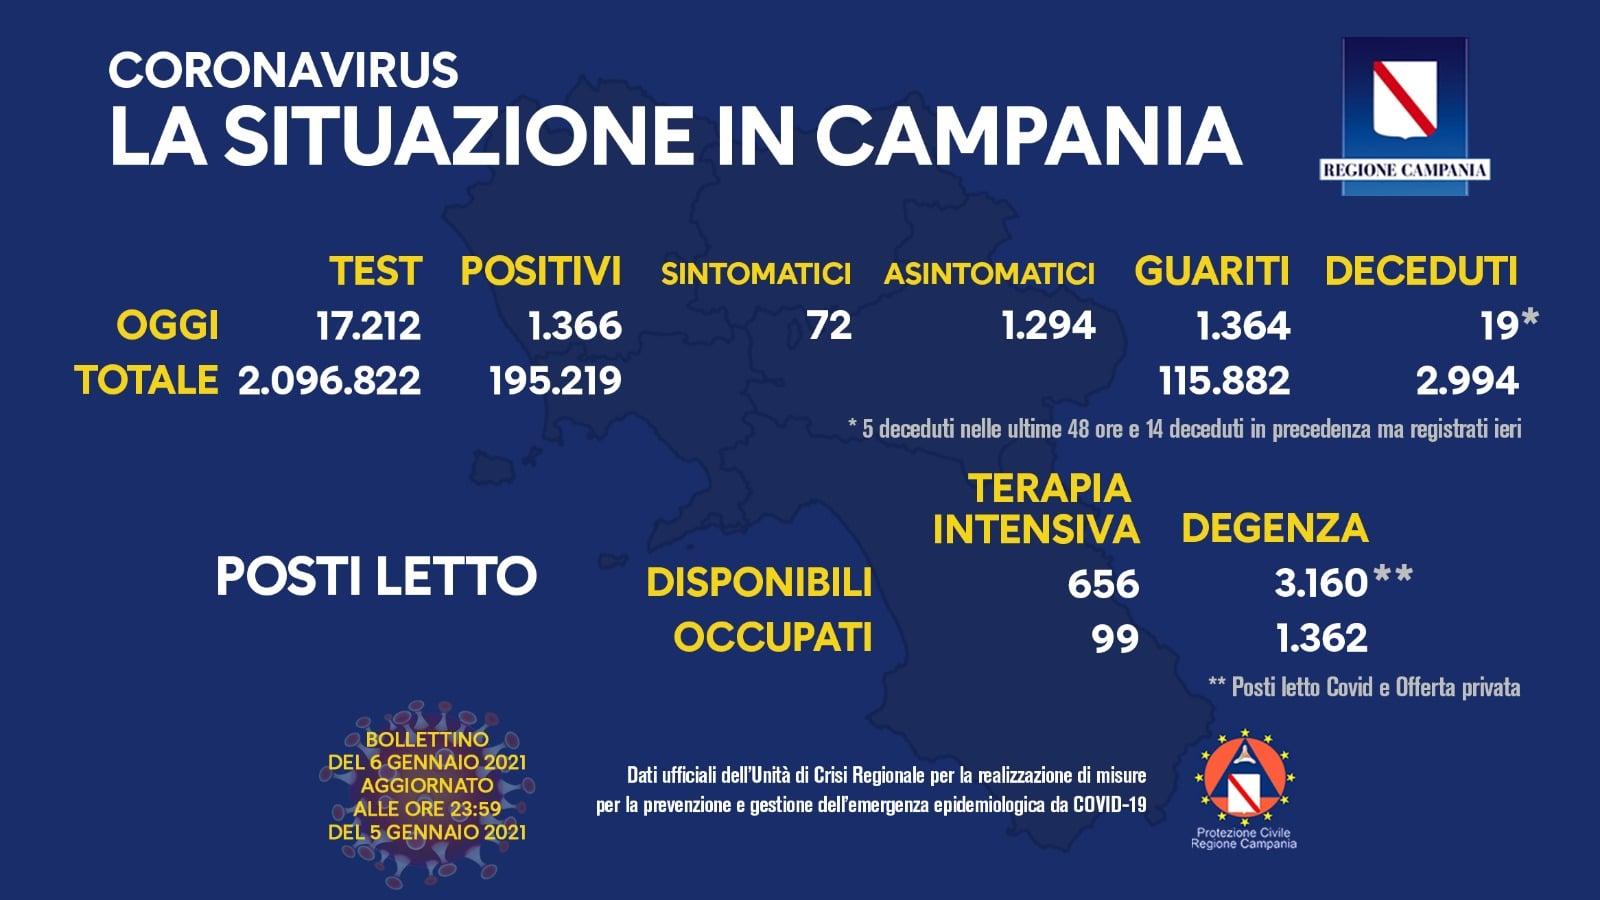 Coronavirus in Campania: bollettino del 6 gennaio